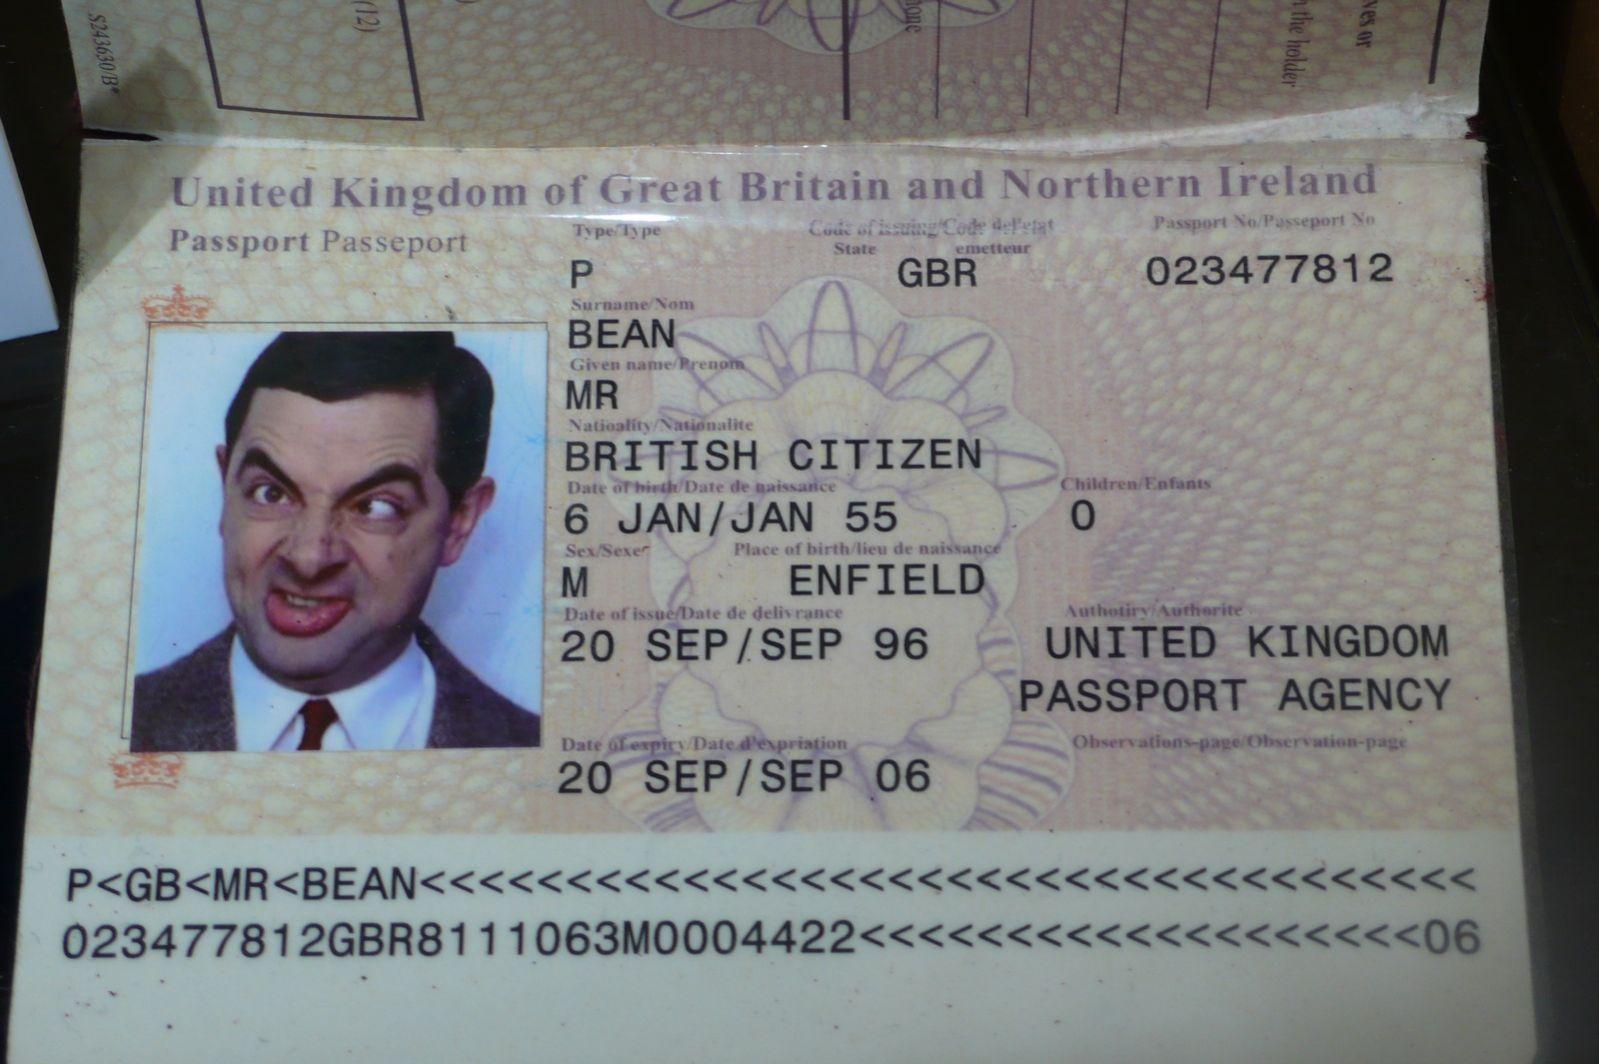 Прикольный паспорт картинки, пригласительной